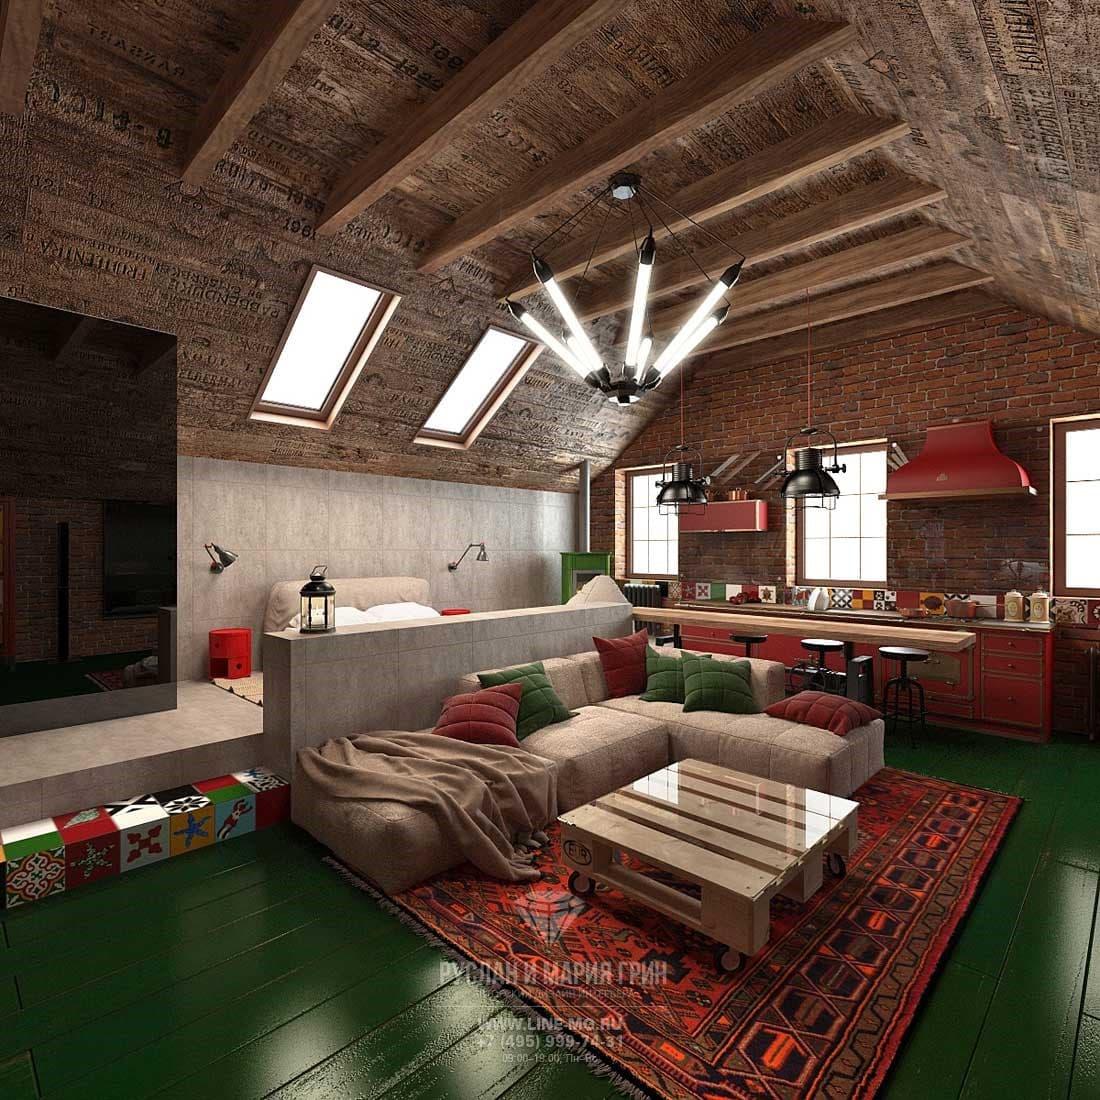 Дизайн квартиры в стиле лофт. Фото интерьера